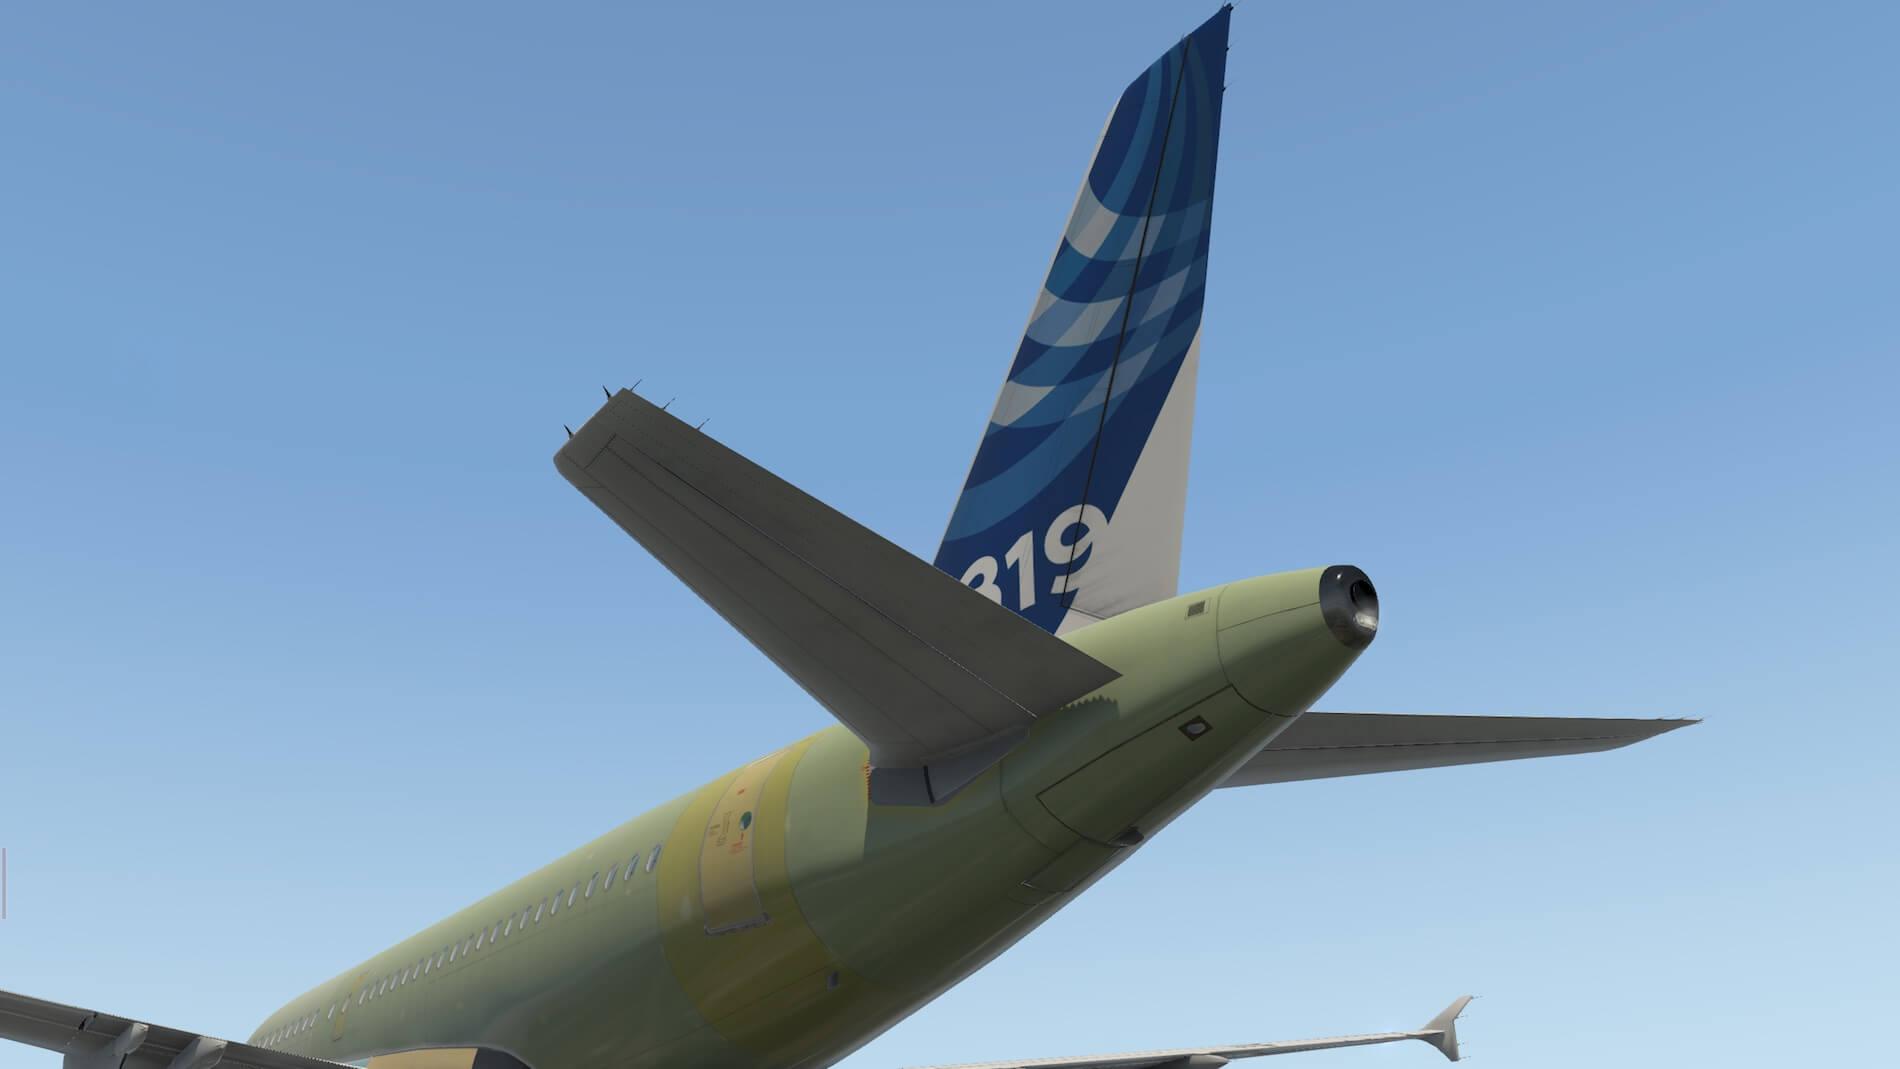 Toliss A319 | Pics | Download |